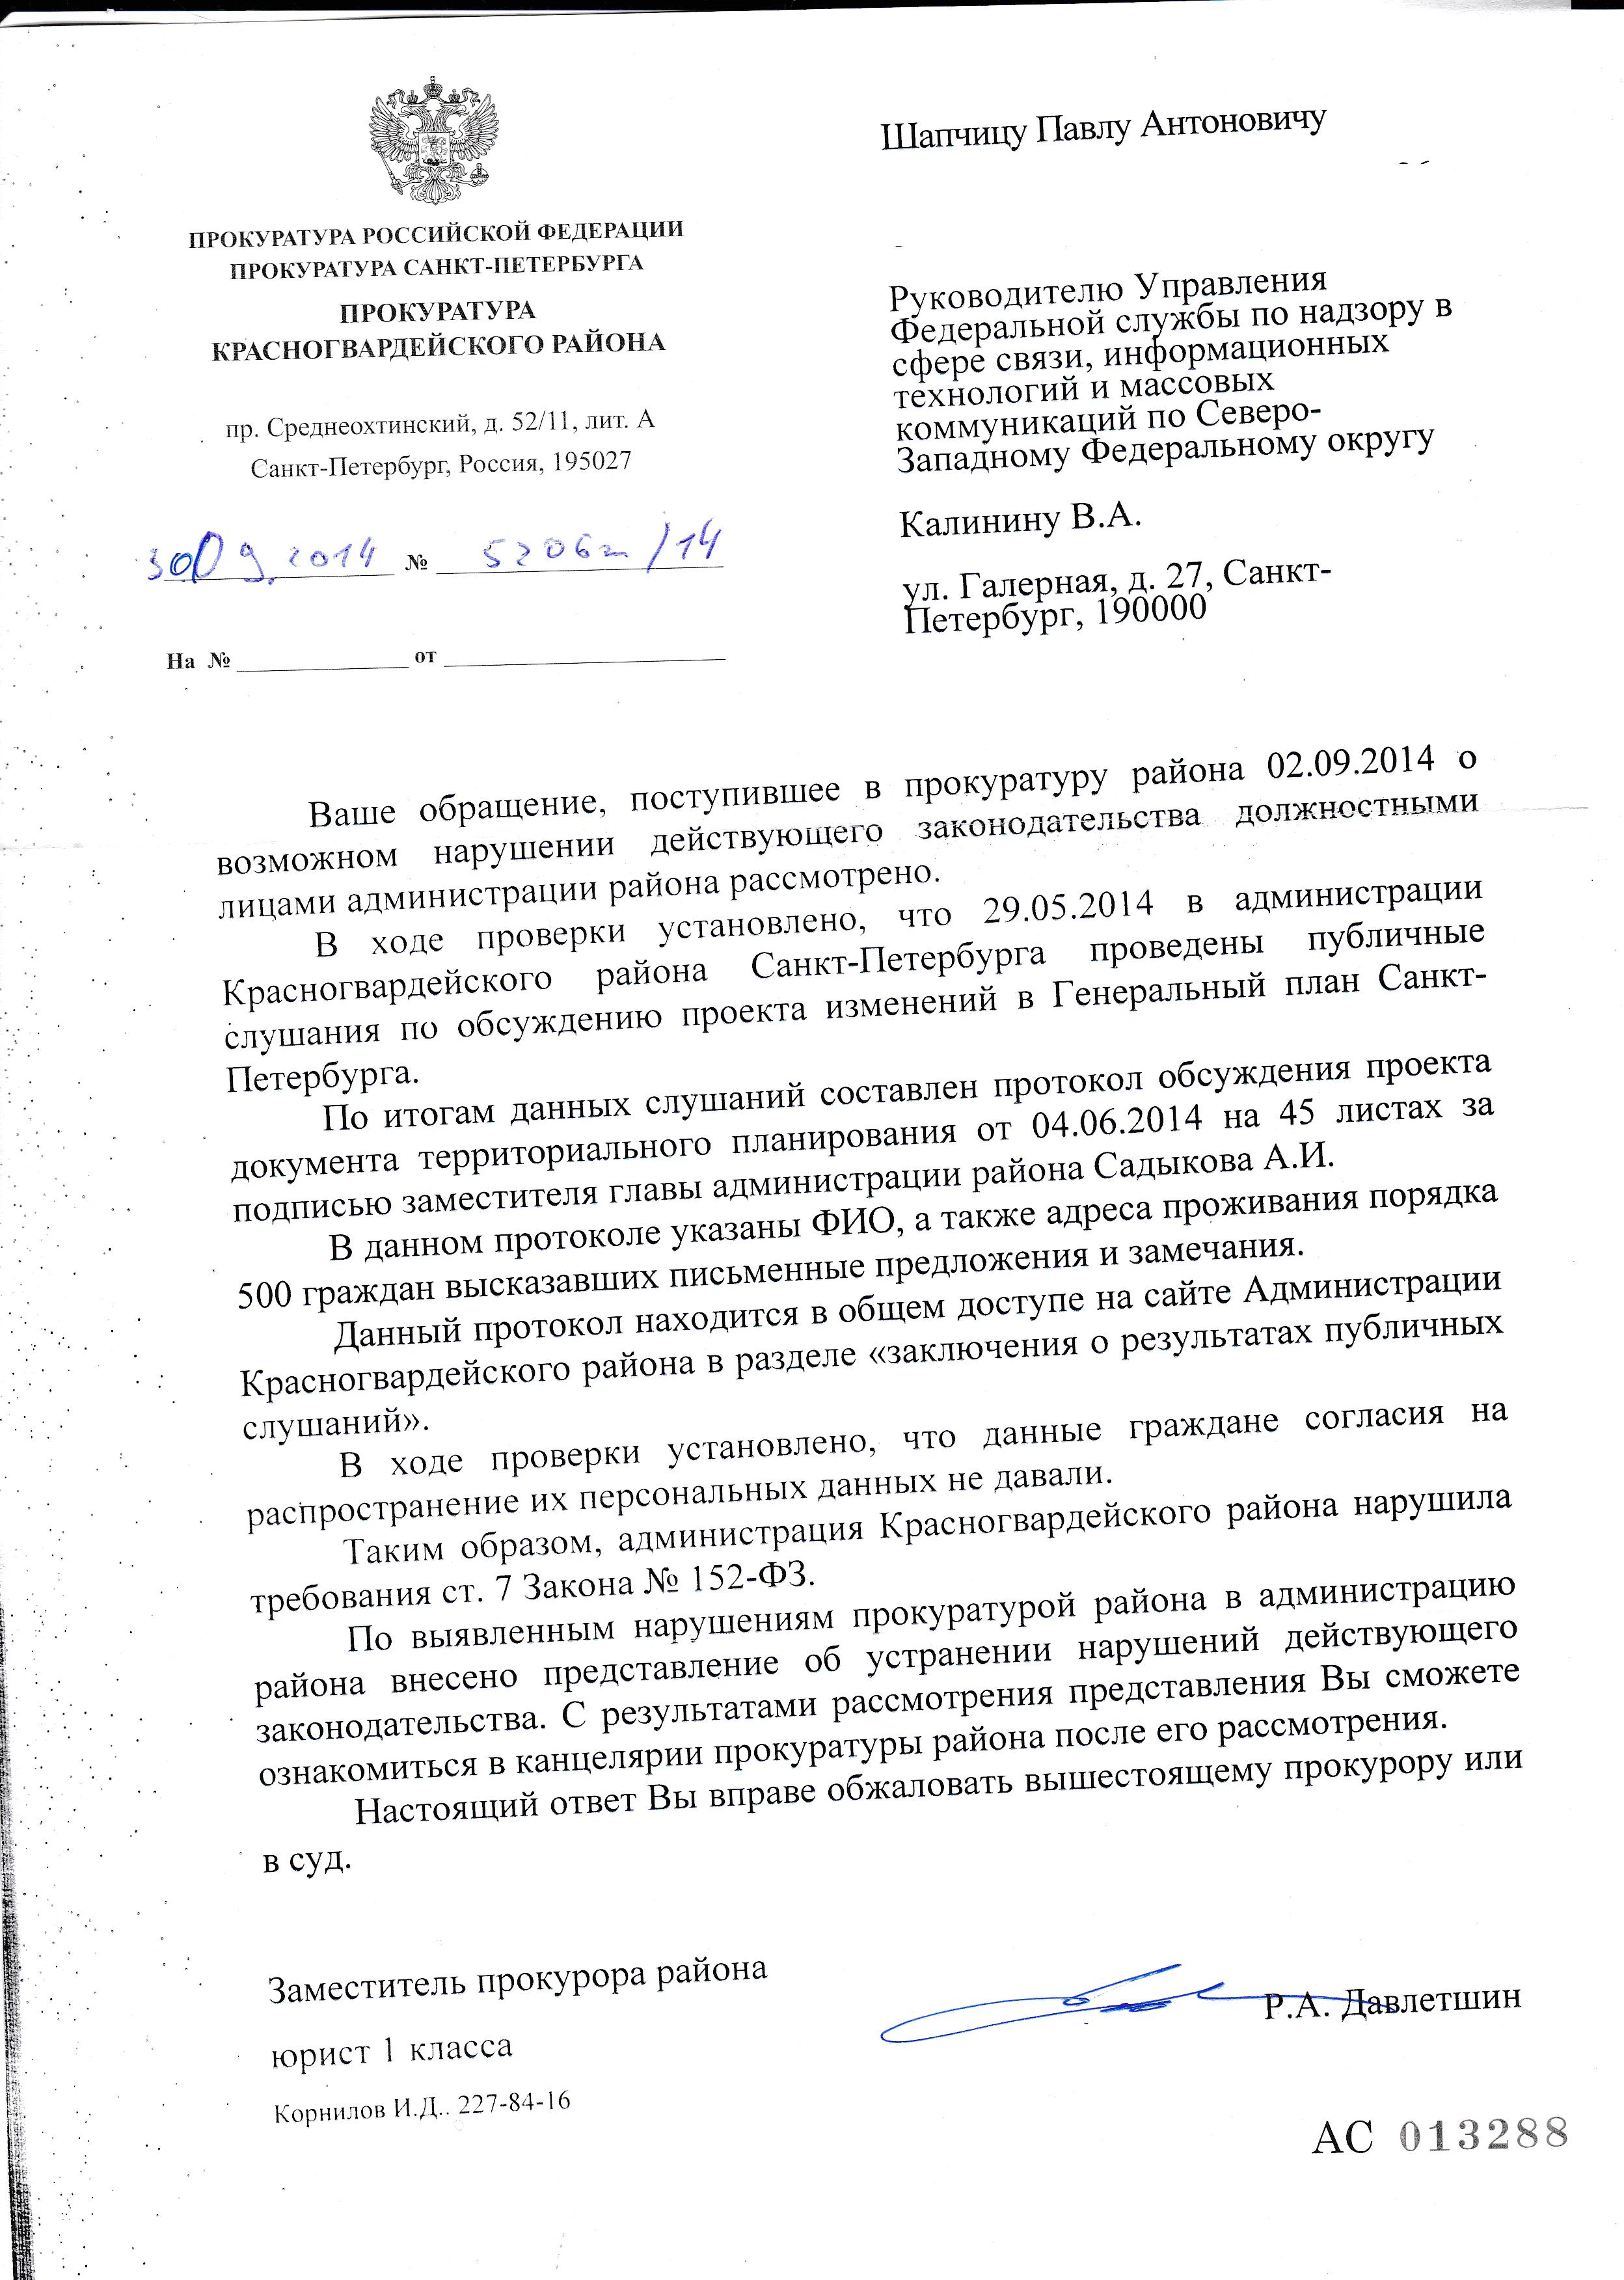 Ответ-прокуратуры-Красногварда-от-30.09.2014_